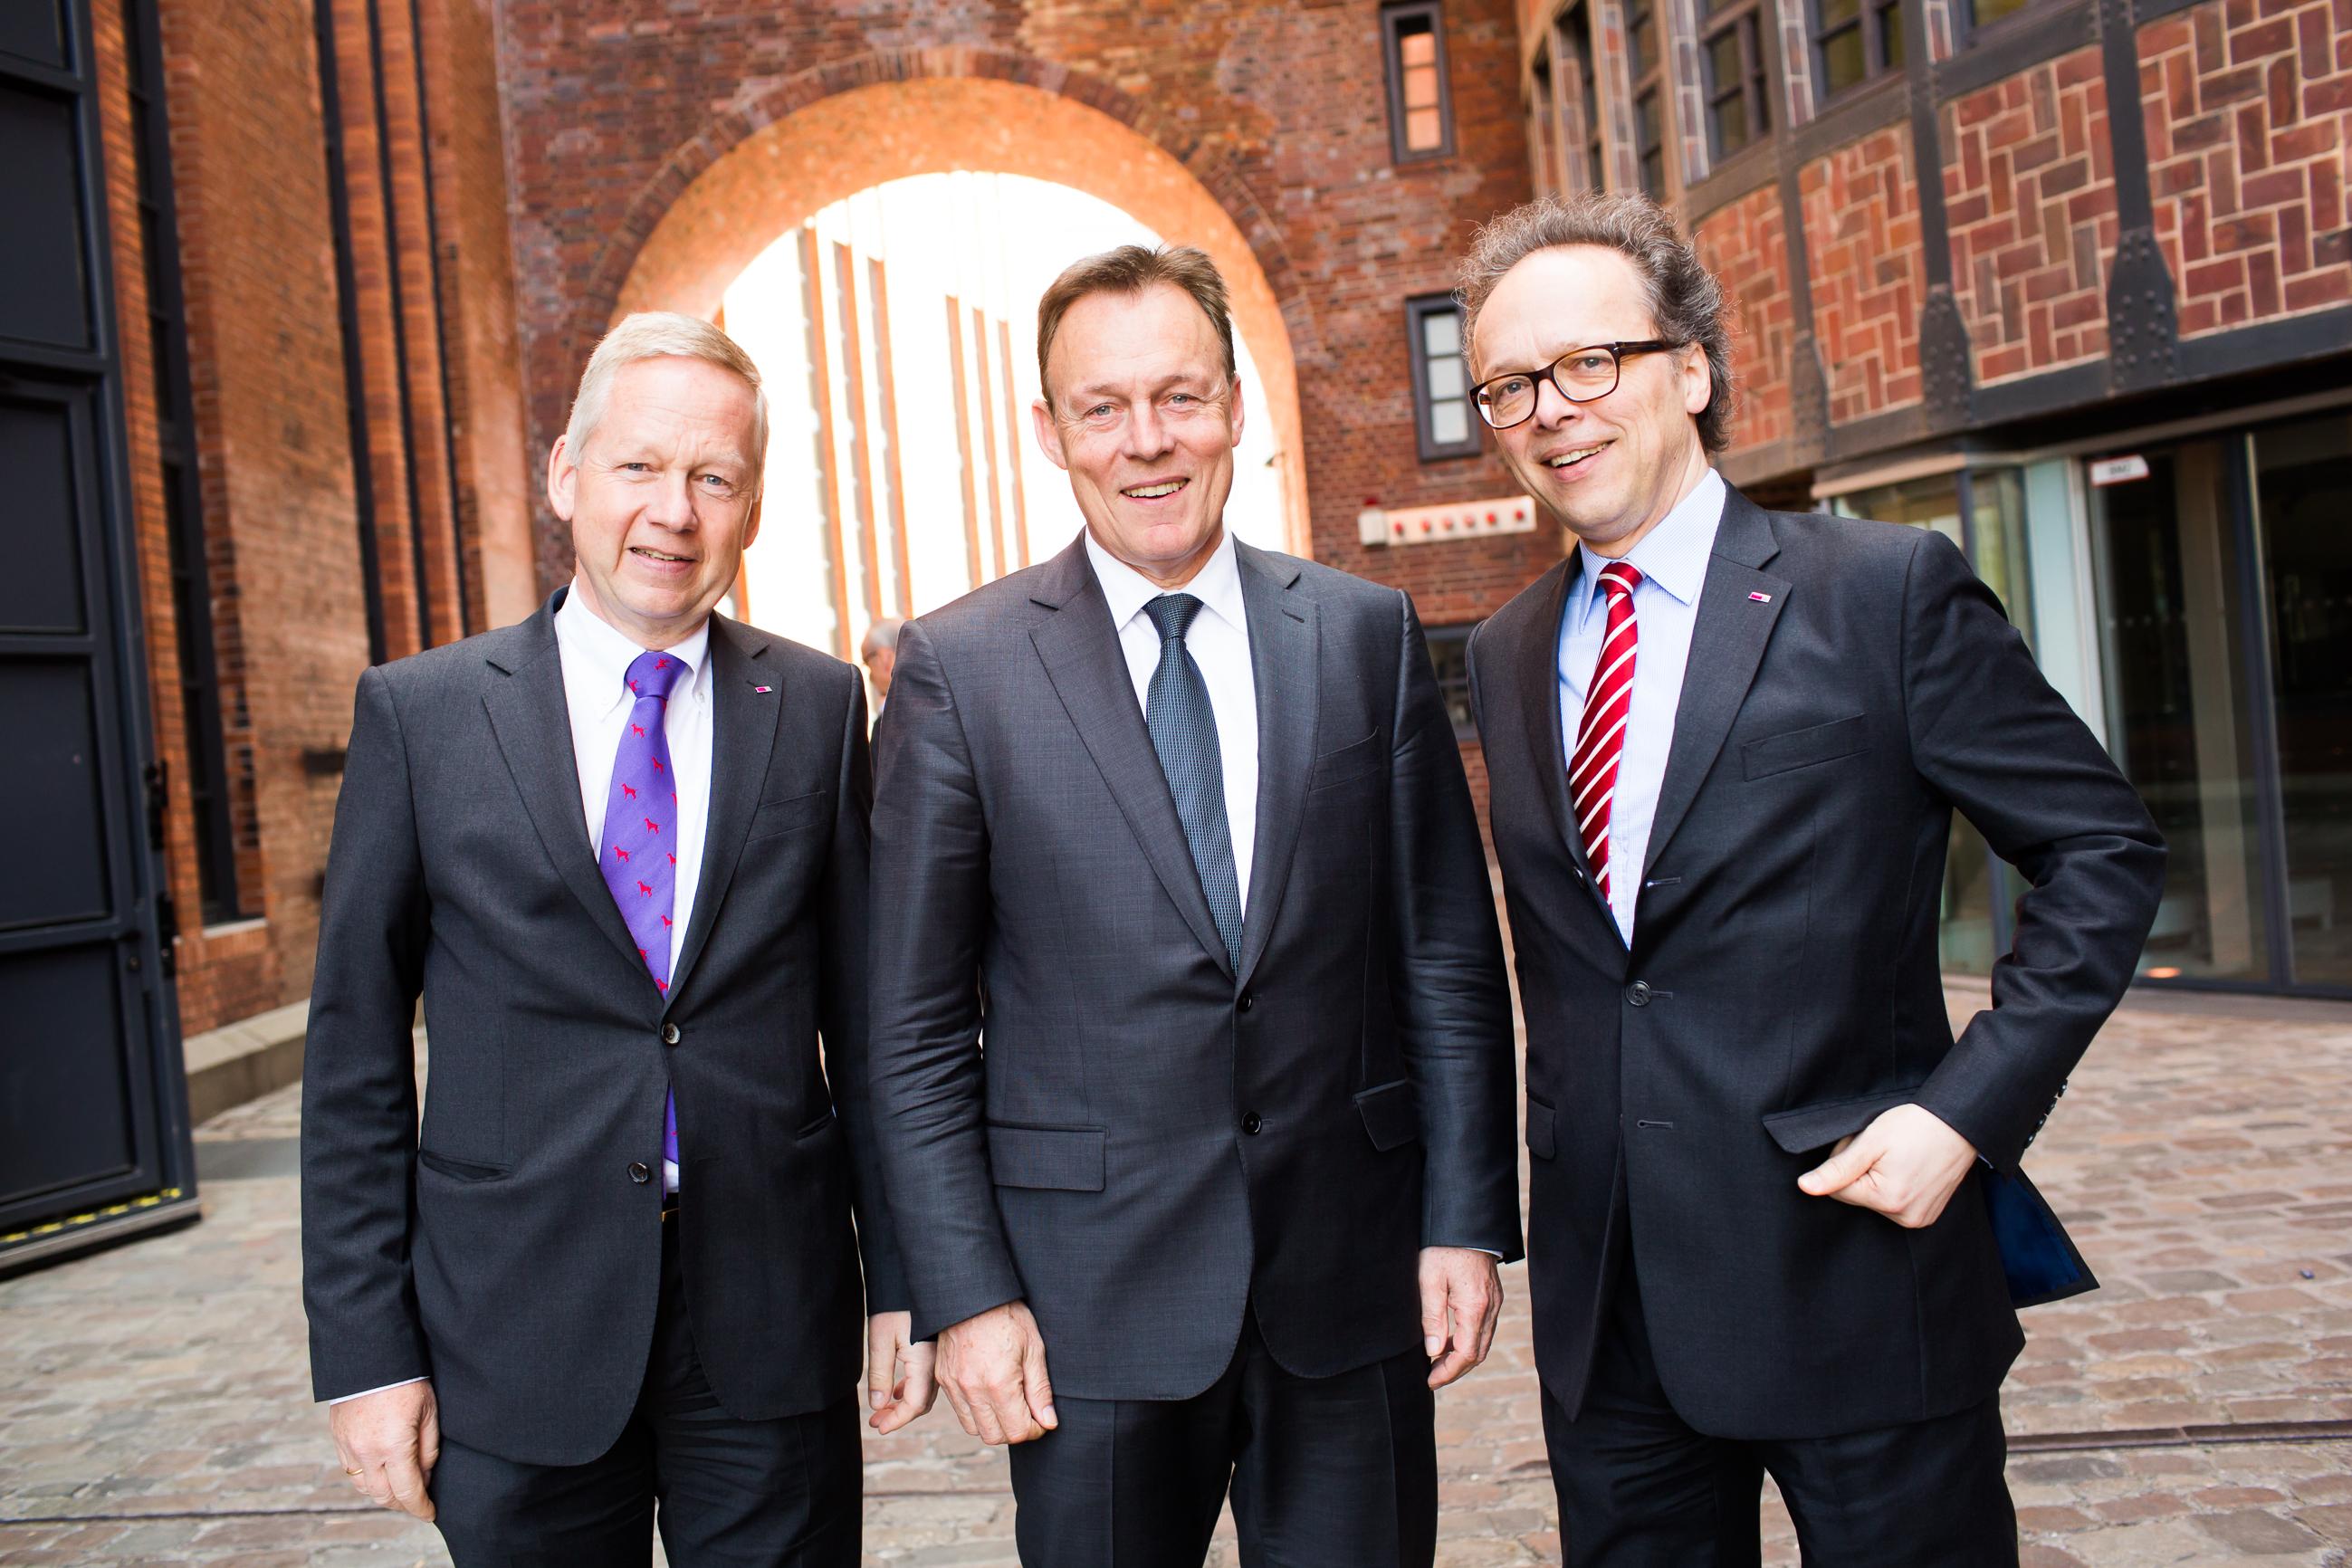 Photo of Oppermann (SPD): Familienunternehmen sind das unternehmerische Herzstück der sozialen Marktwirtschaft